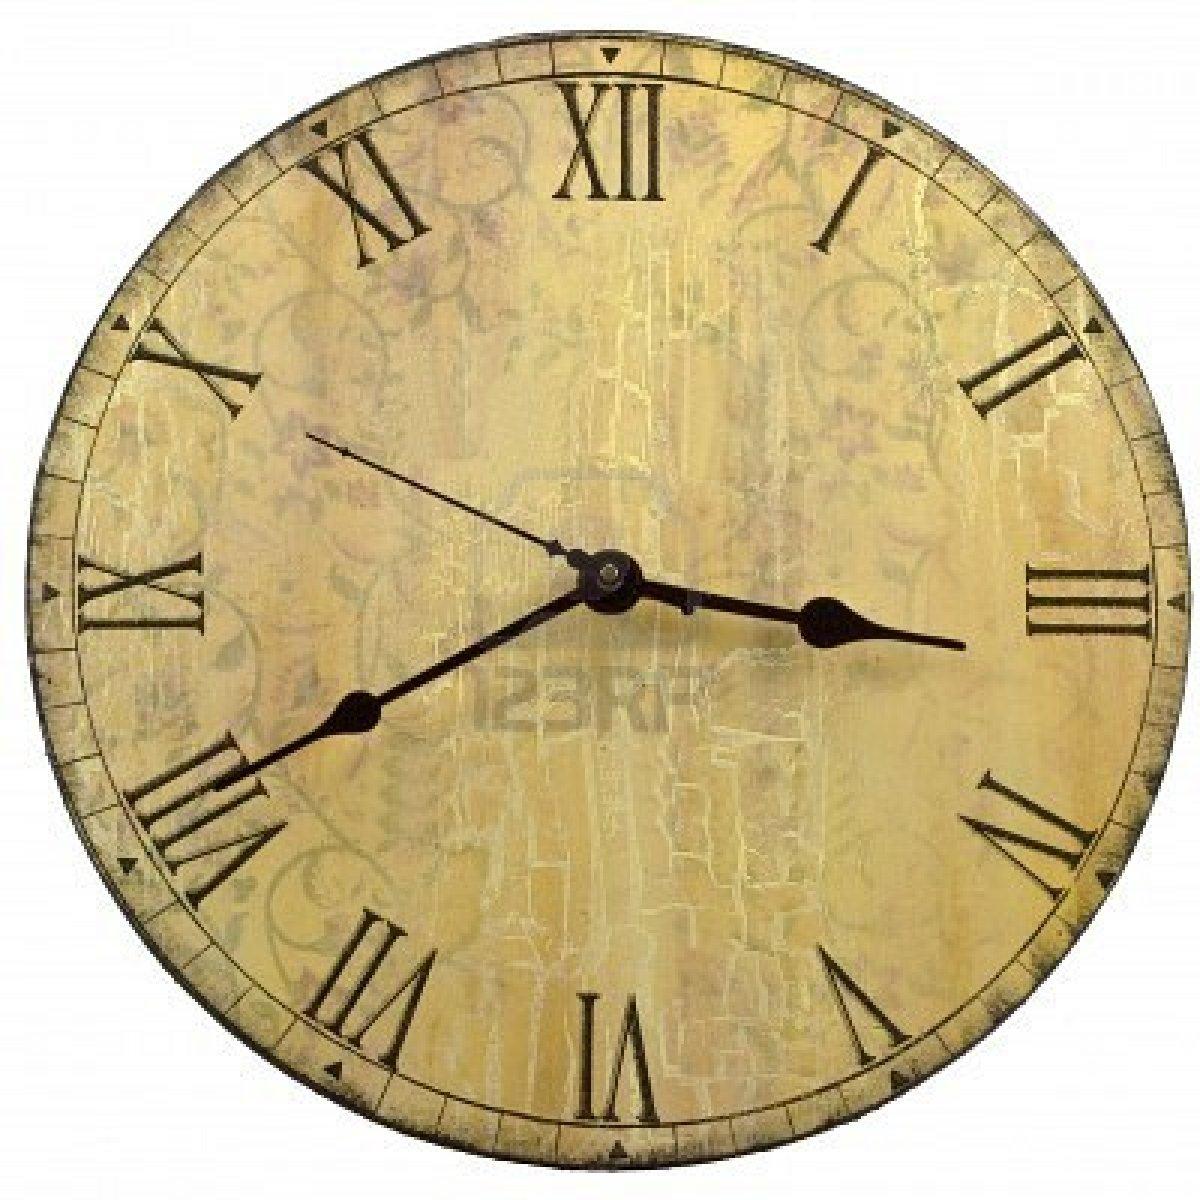 Capuchino de silos las campanadas del reloj de la cocina - Relojes pared cocina ...